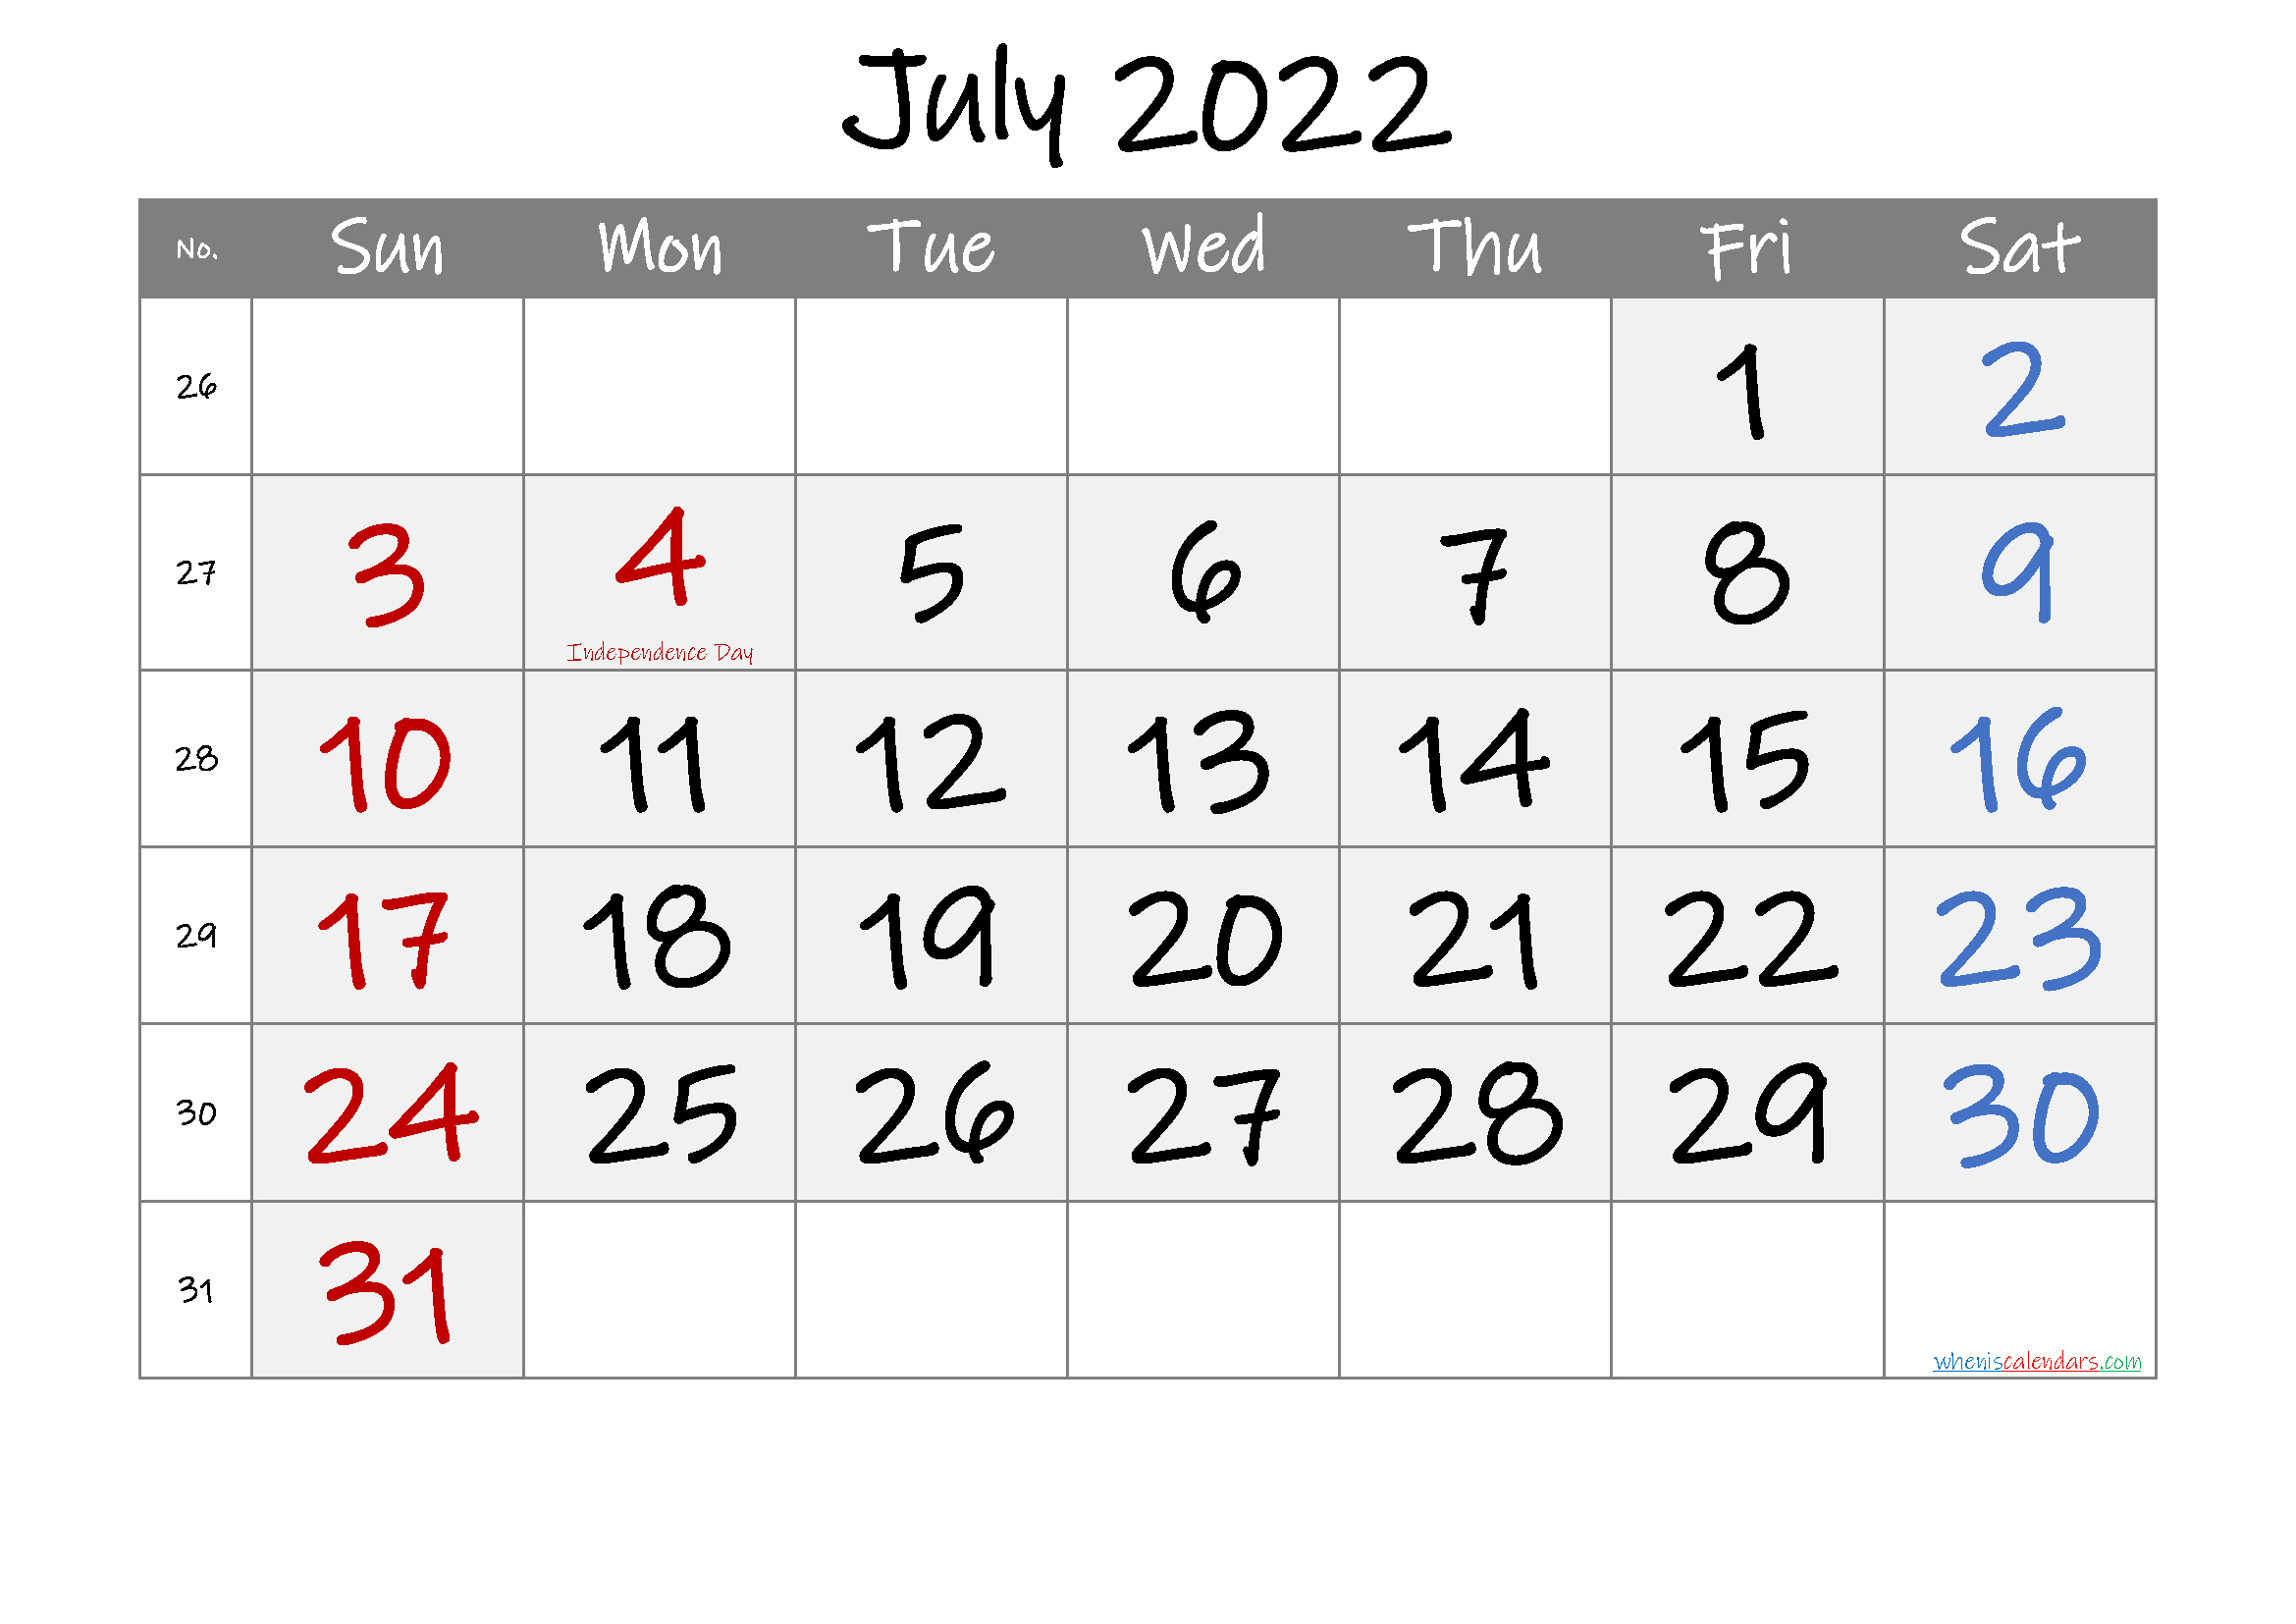 Printable July 2022 Calendar With Holidays - 6 Templates   Free Printable 2020 Calendar With regarding July 2022 Calendar Printable Graphics